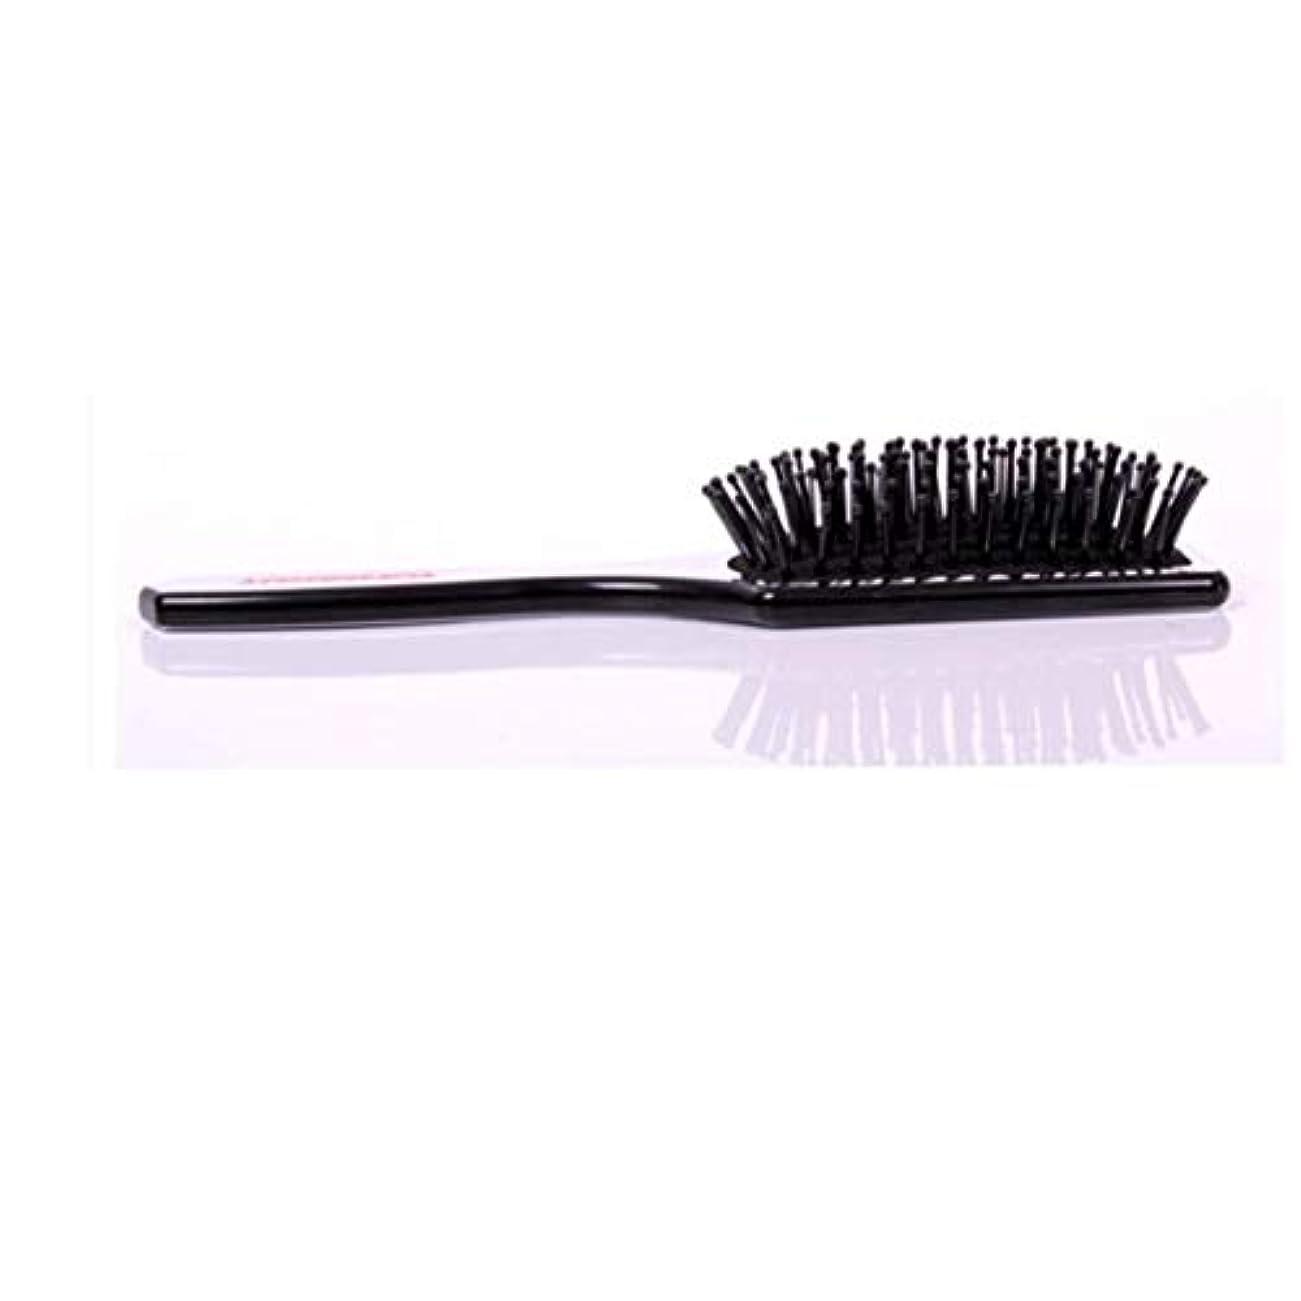 植木つぶす銀行Fashianヘアブラシマッサージ髪の毛と頭皮の熱と耐久性のある帯電防止スタイリングくしサイズL/S ヘアケア (サイズ : S)